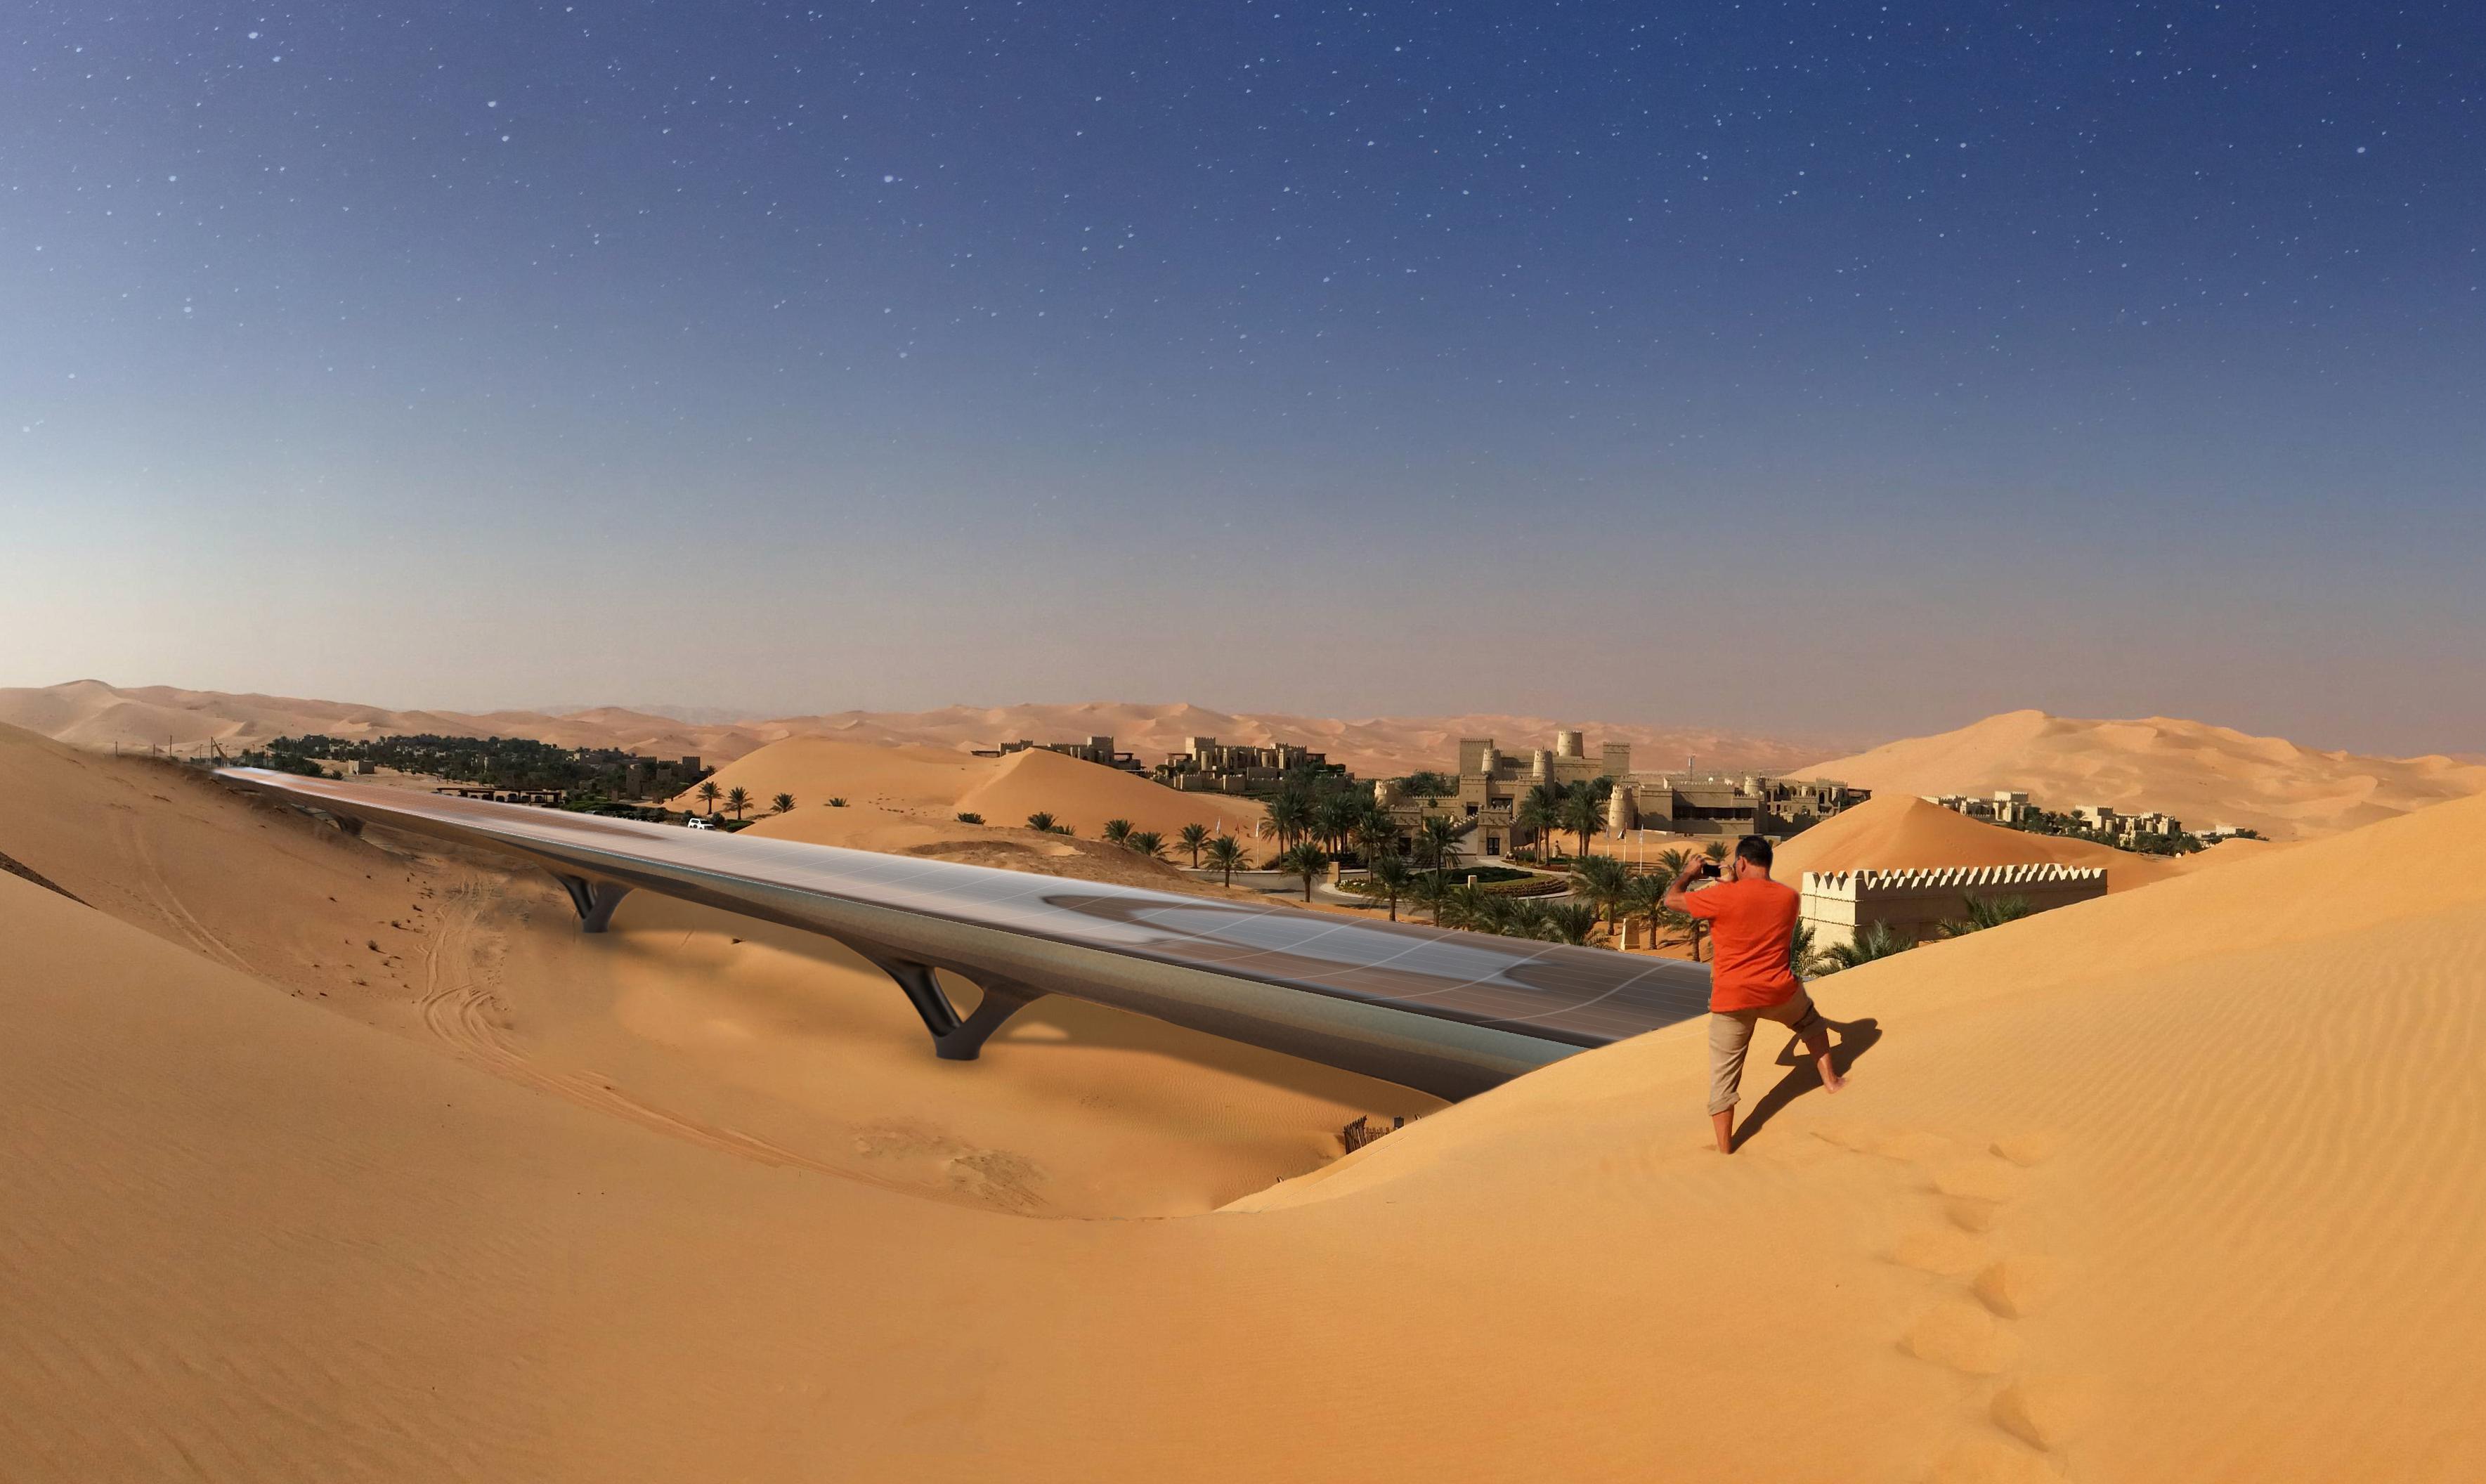 MAD_HyperloopTT_desert transition